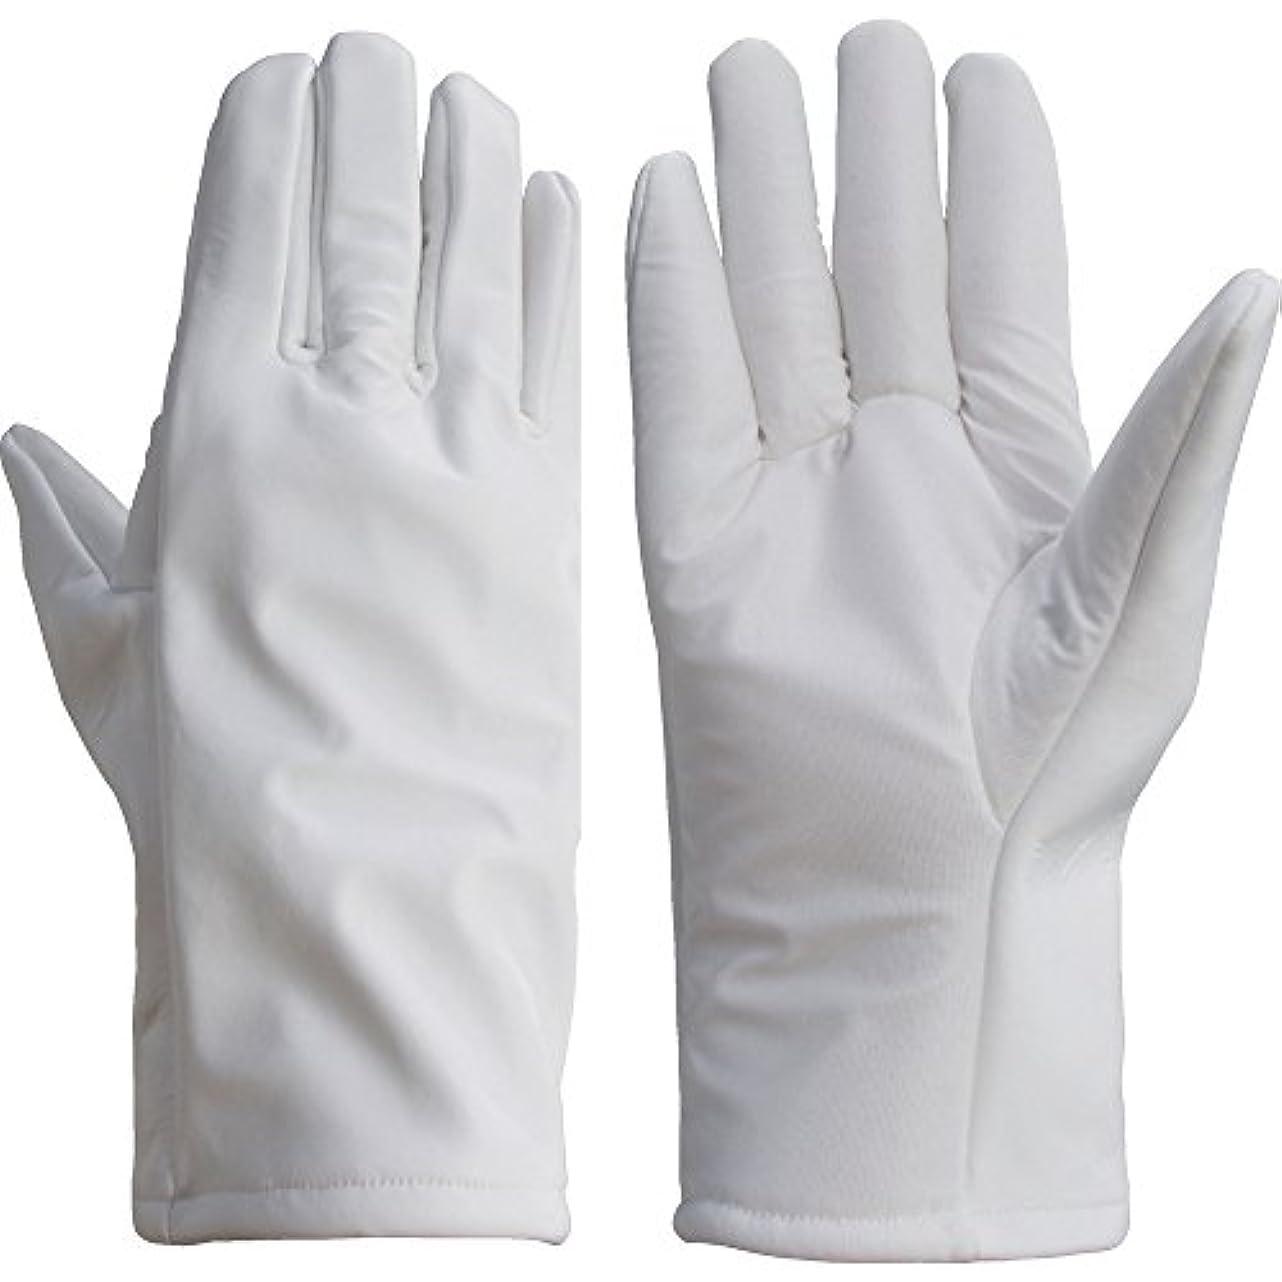 観客インシデント匿名ウインセス クリーン耐熱手袋 M (1双入) 3904-M 耐熱手袋